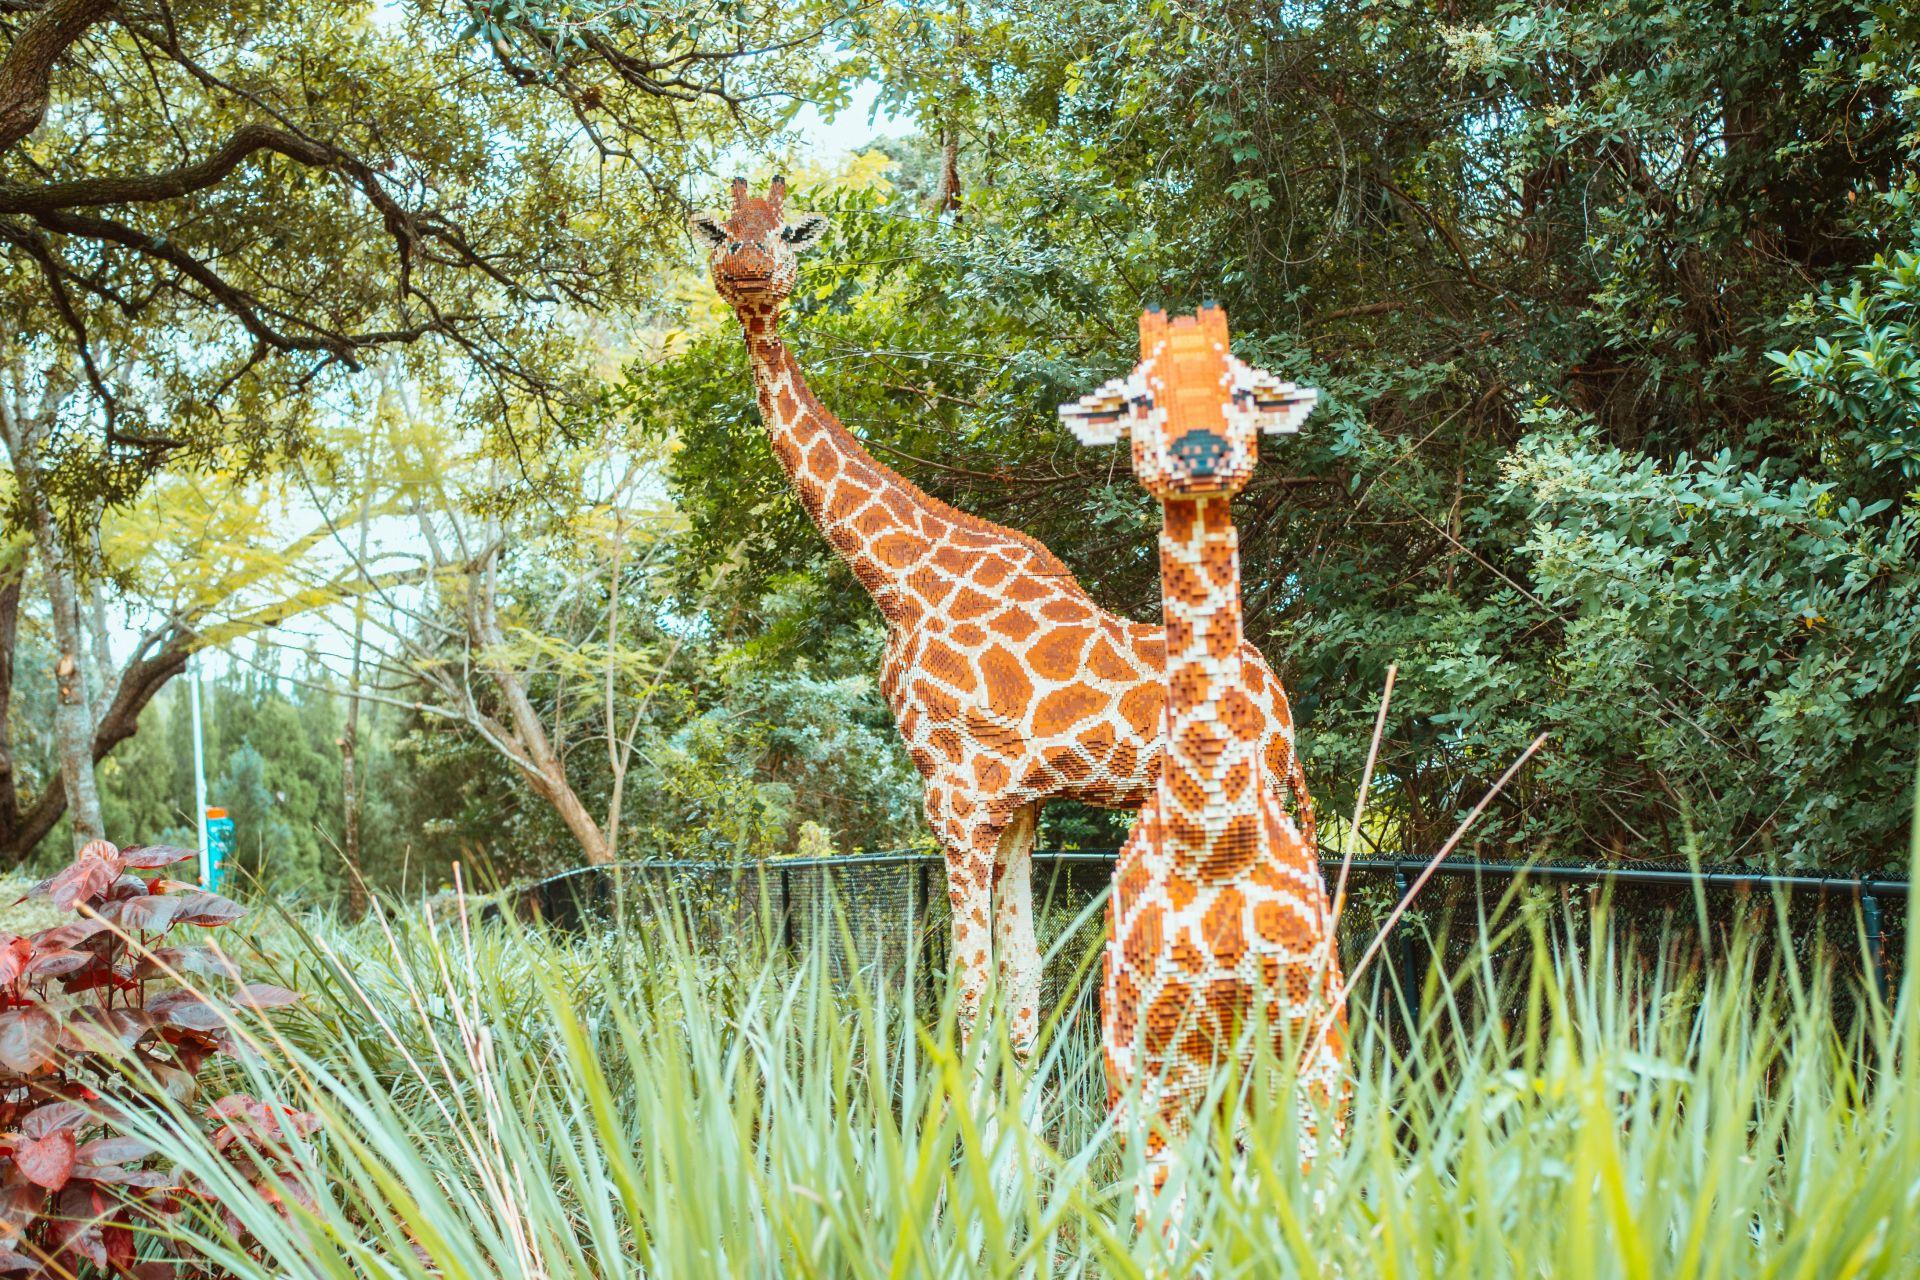 Legoland Safari Review